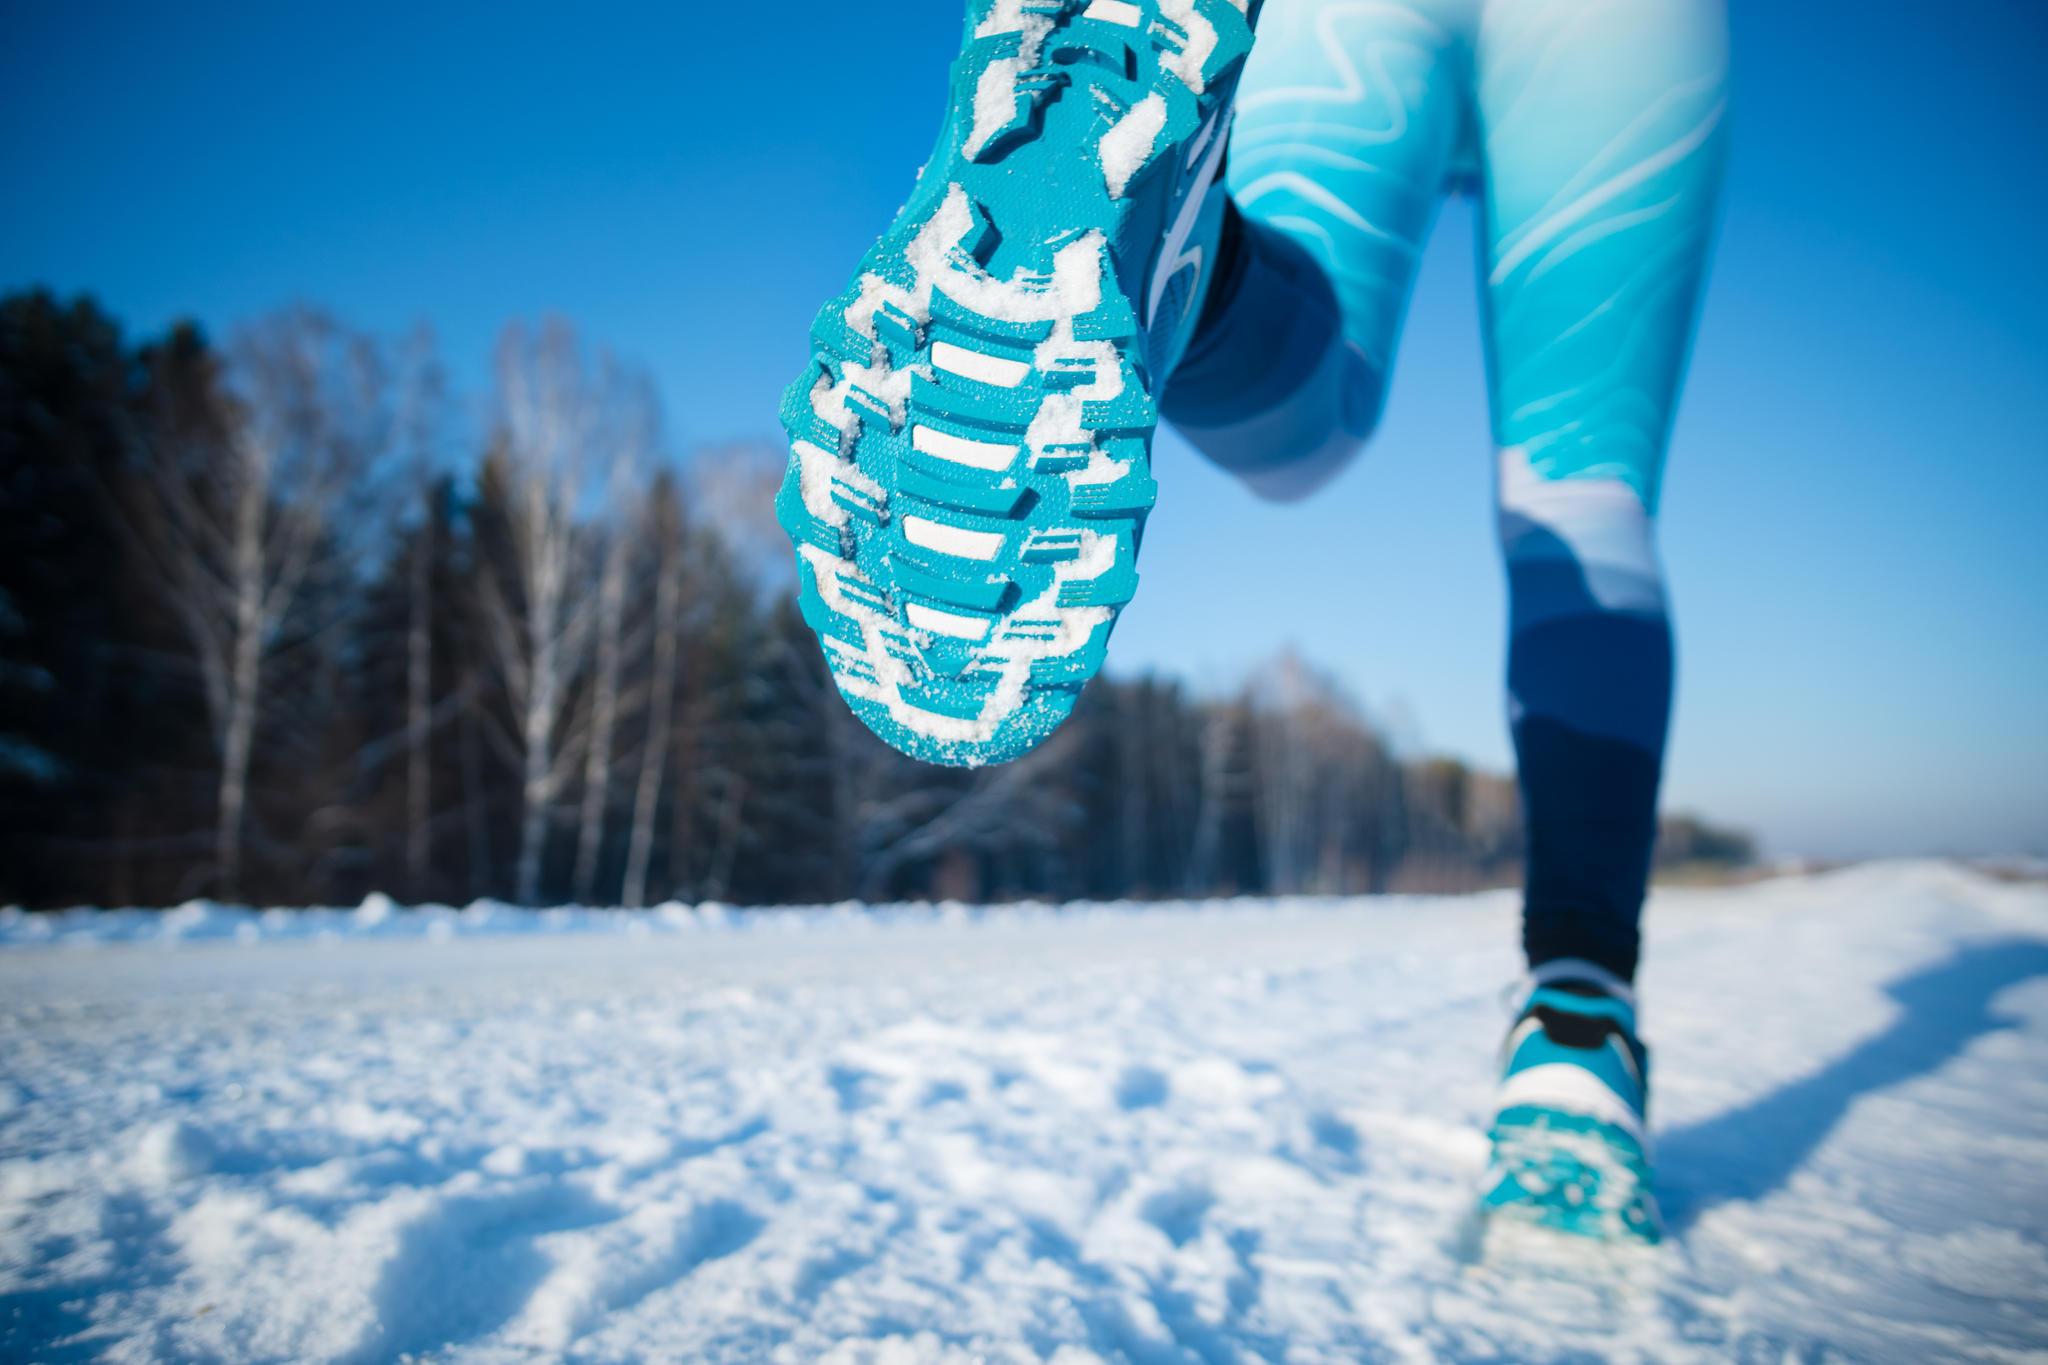 Denken Sie beim Joggen im Winter unbedingt an die richtige Bekleidung. Überfordern Sie Ihren Körper nicht unnötig indem Sie mit T-Shirt und kurzer Hose den Lauf beginnen. Atmungsaktive und wetterfeste Kleidung sorgt für den perfekten Comfort und Temperaturaustausch. Bedenken Sie unbedingt auch, dass feuchte und vielleicht verschneite Wege und Straßen ein entsprechendes Schuhwerk voraussetzen.